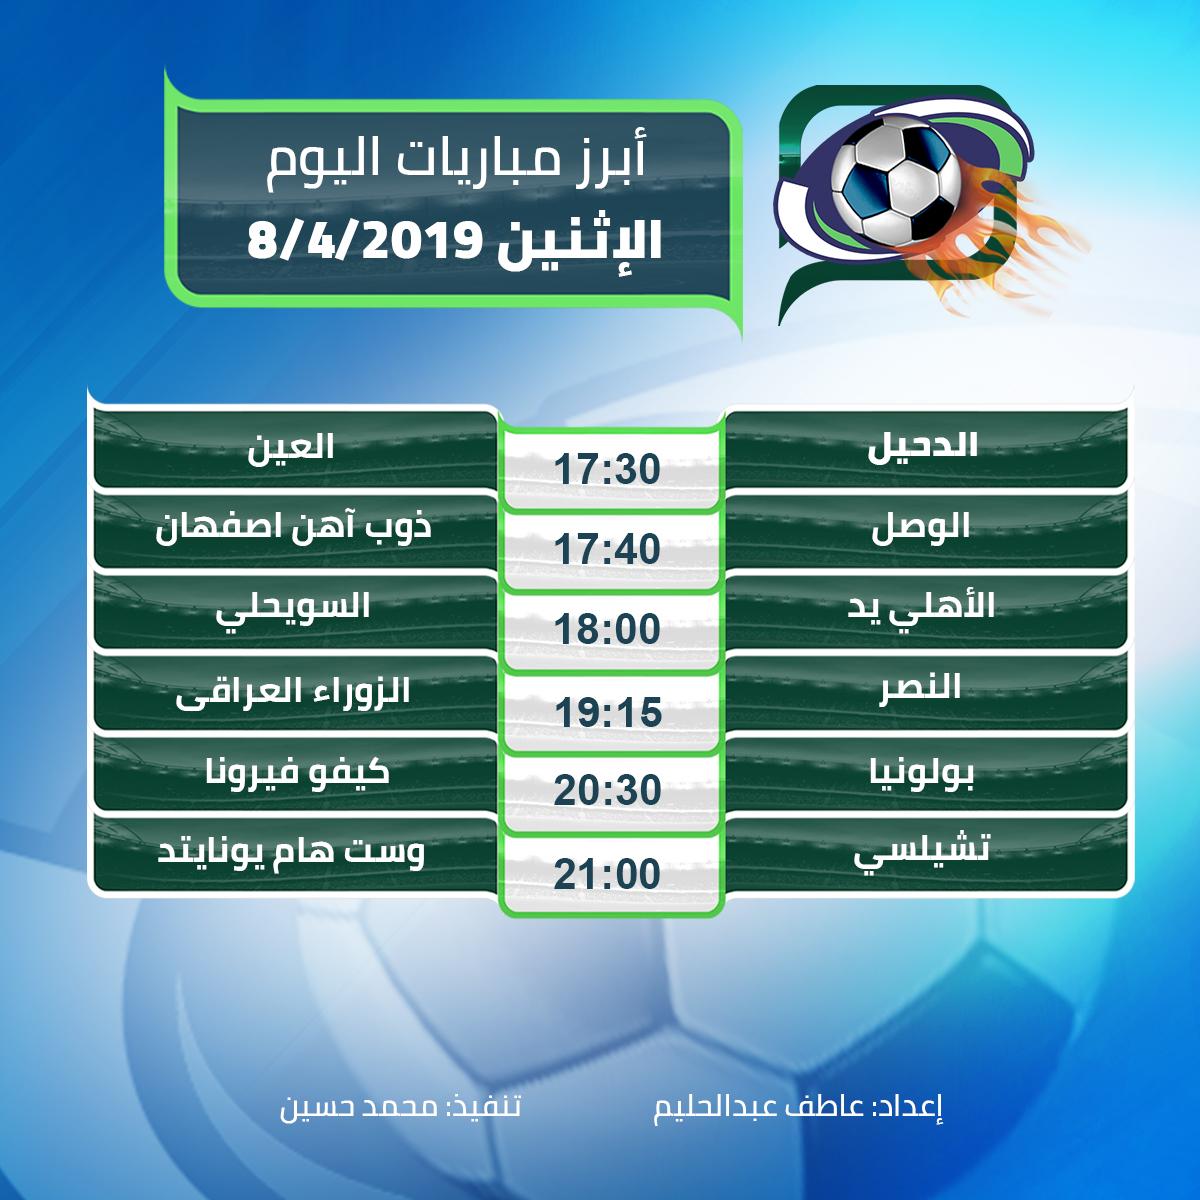 أبرز مباريات اليوم الاثنين 08/4/2019